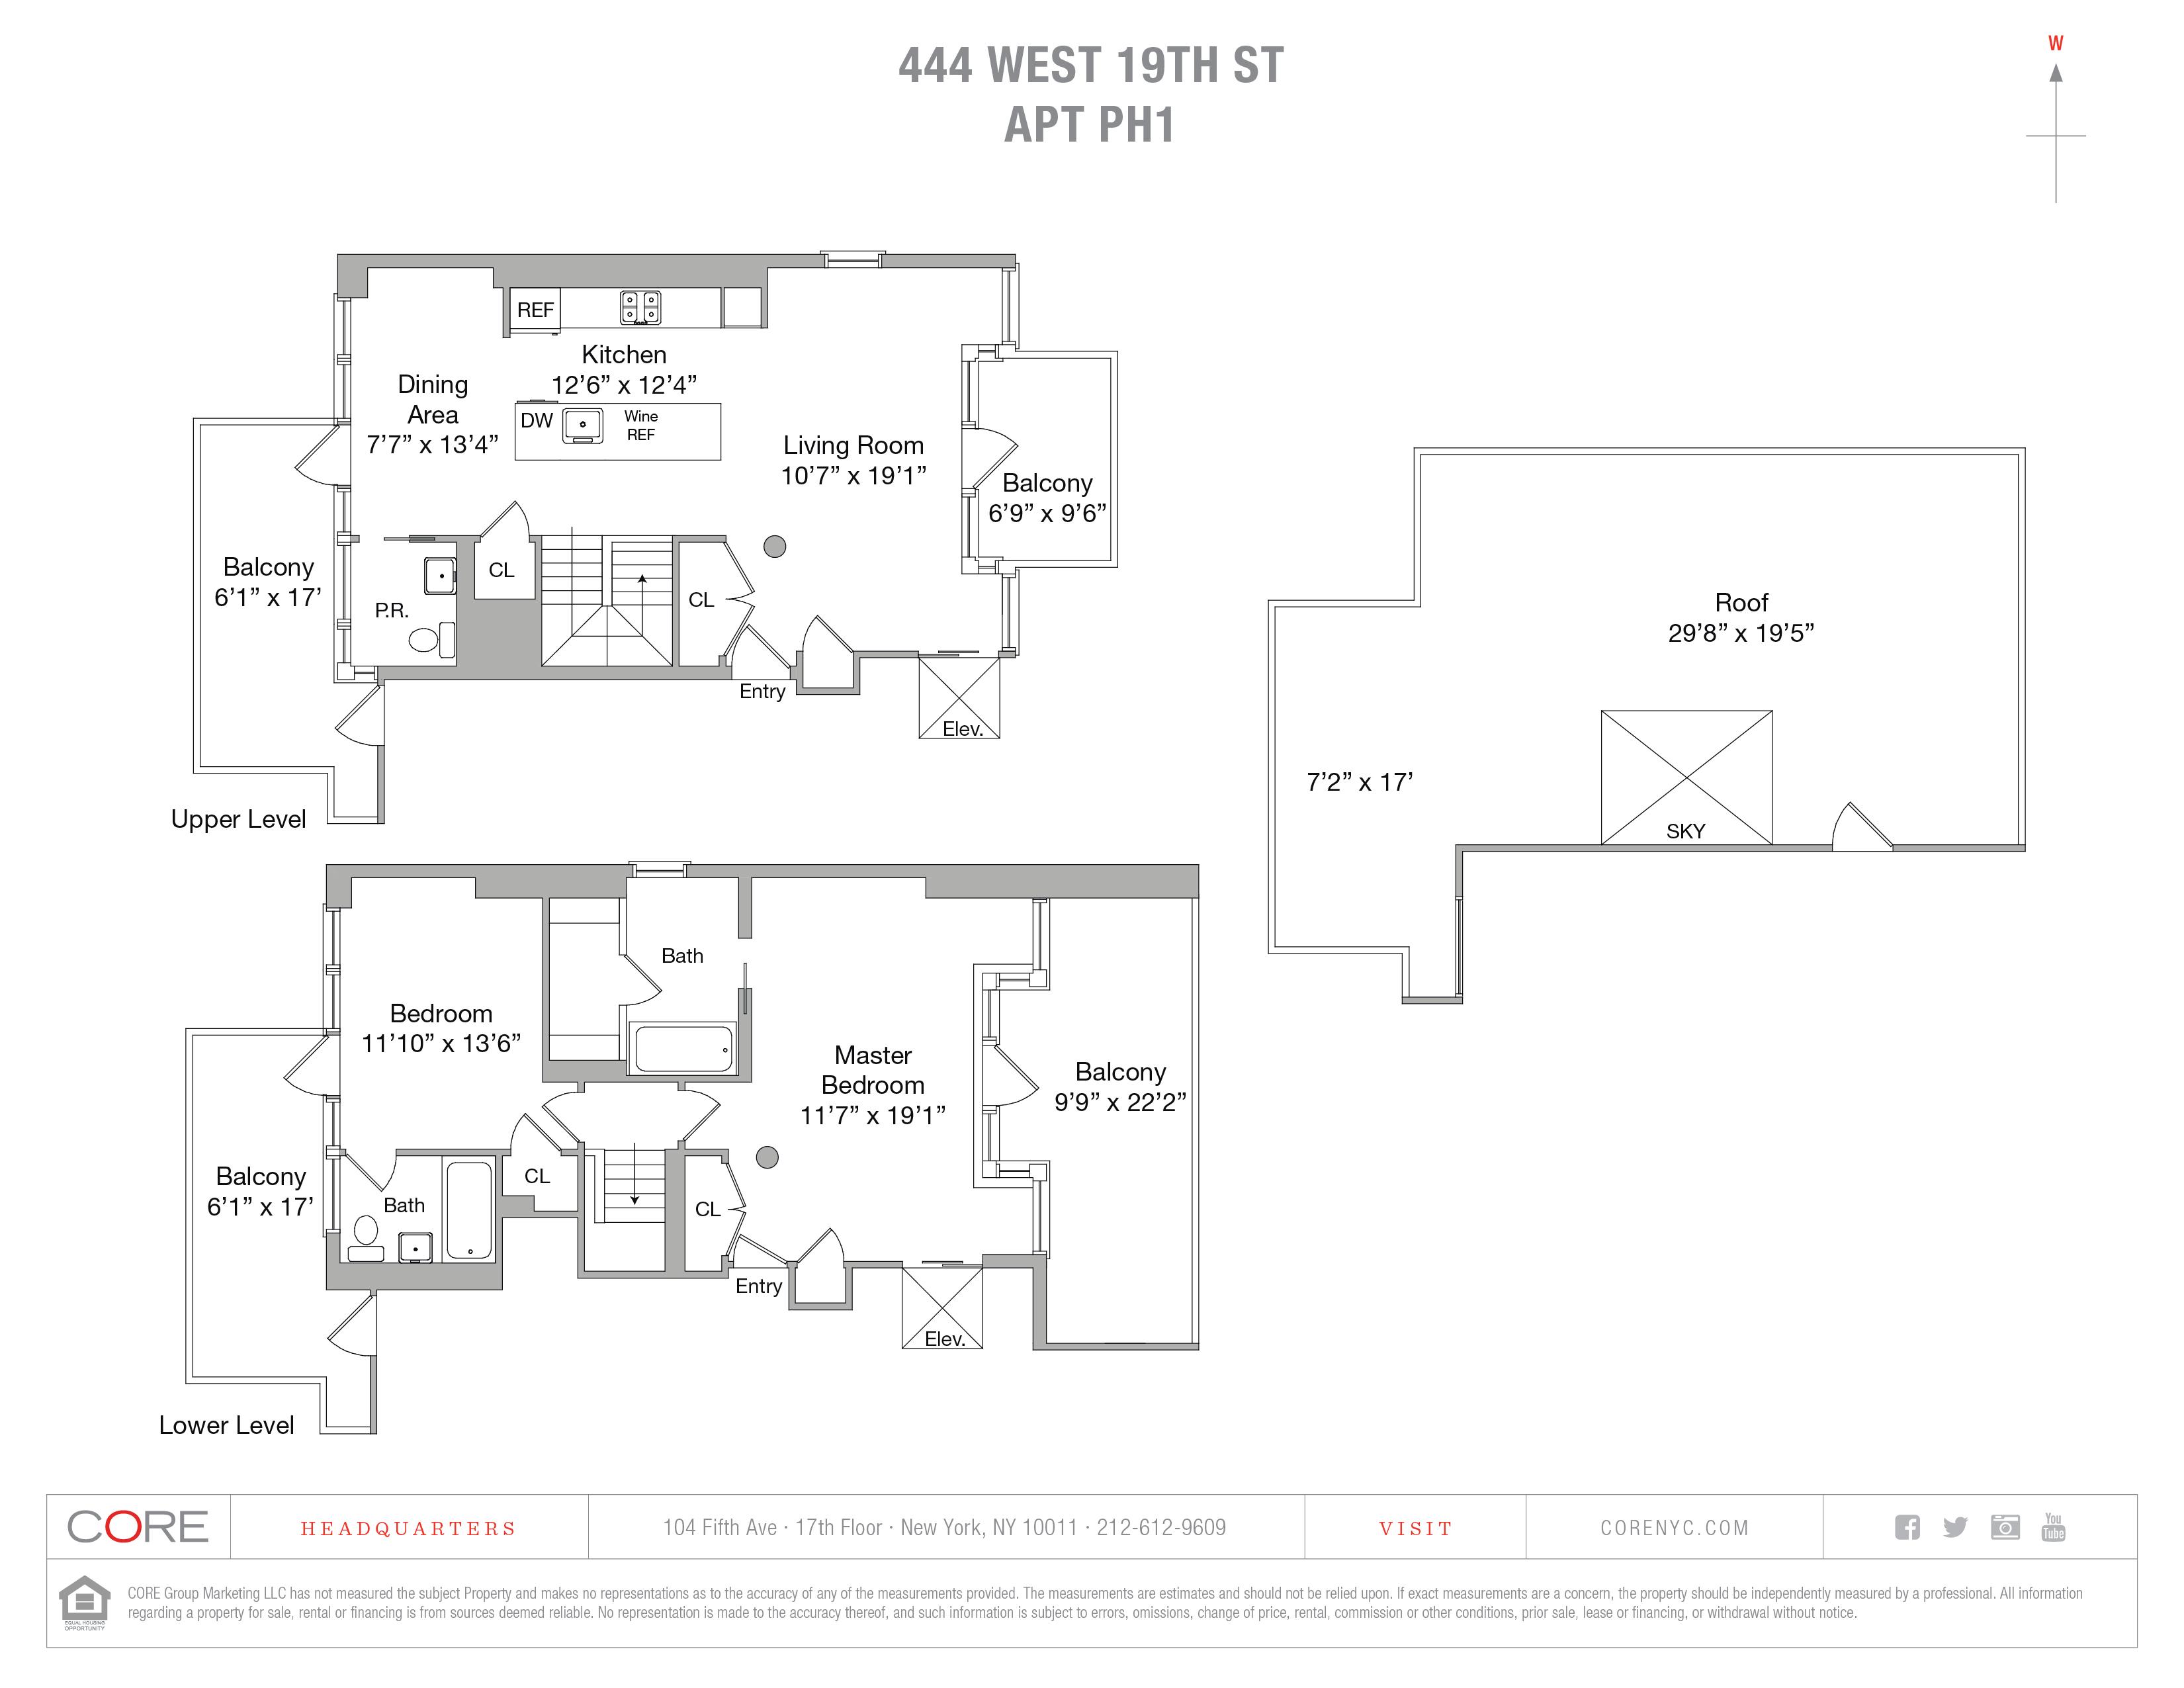 444 West 19th St. PH1, New York, NY 10011